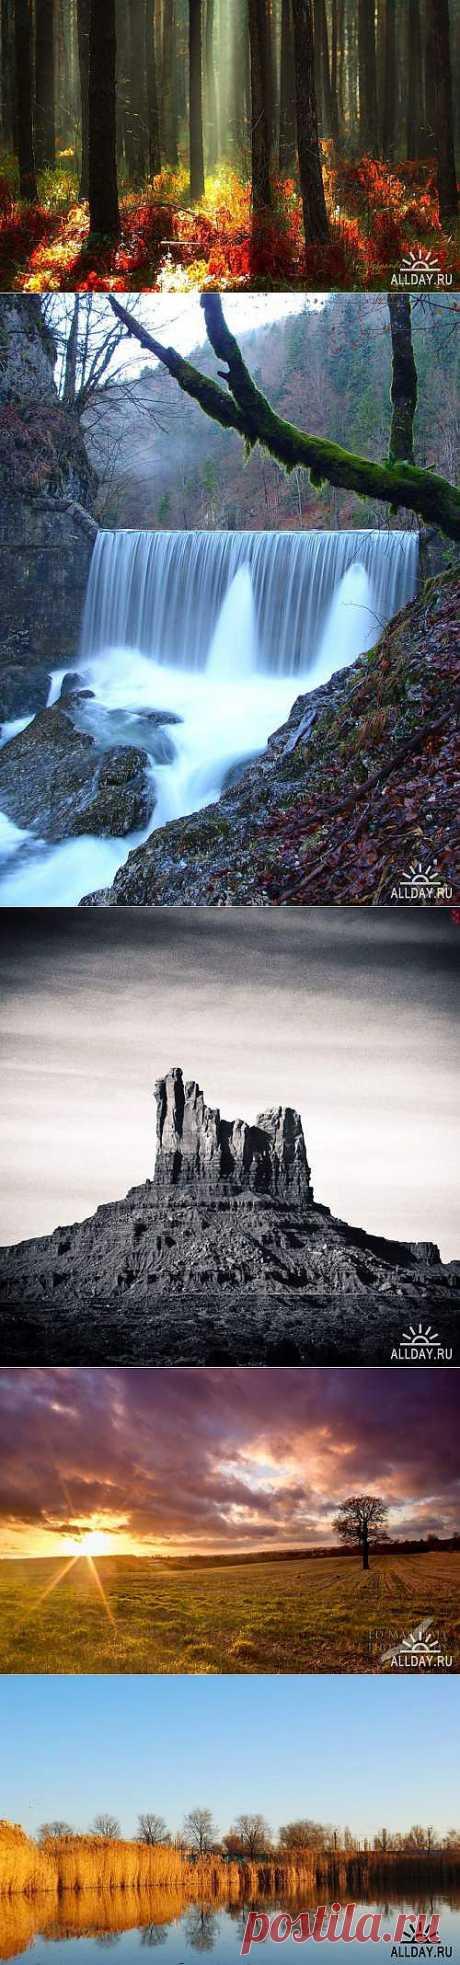 Мир в Фотографии - World In Photo 907 » ALLDAY - народный сайт о дизайне